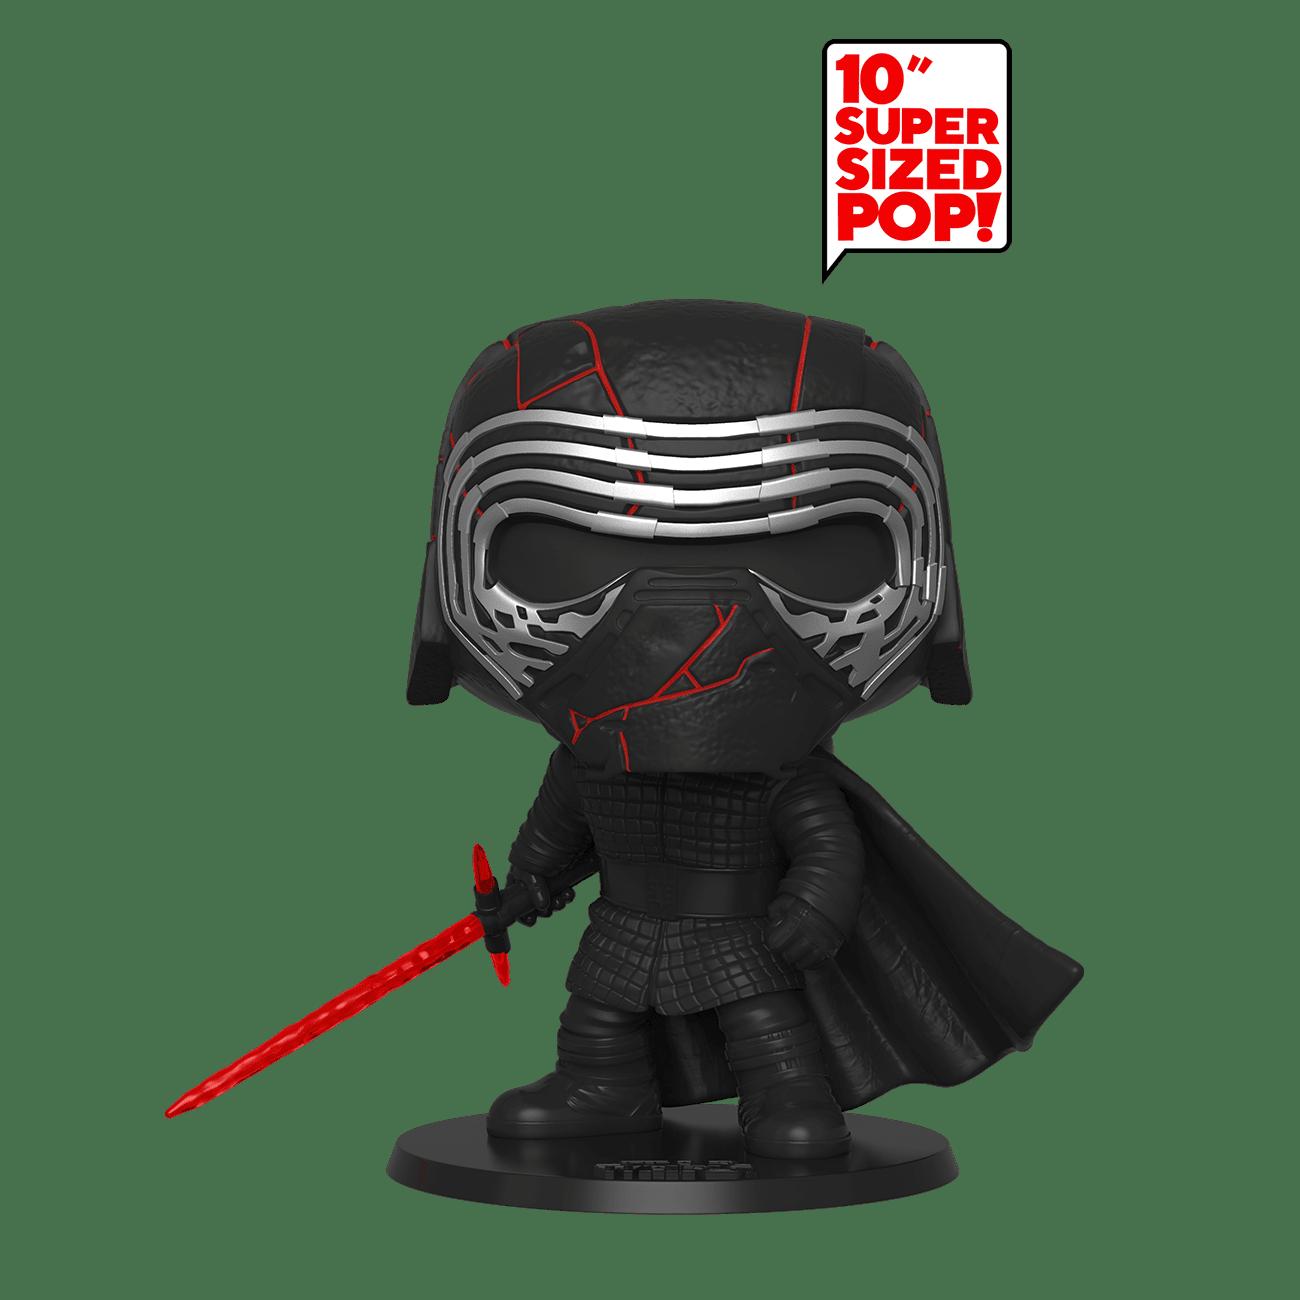 """Star Wars Episode IX: The Rise Of Skywalker - Kylo Ren Glow in the Dark 10"""" Pop! Vinyl Figure"""